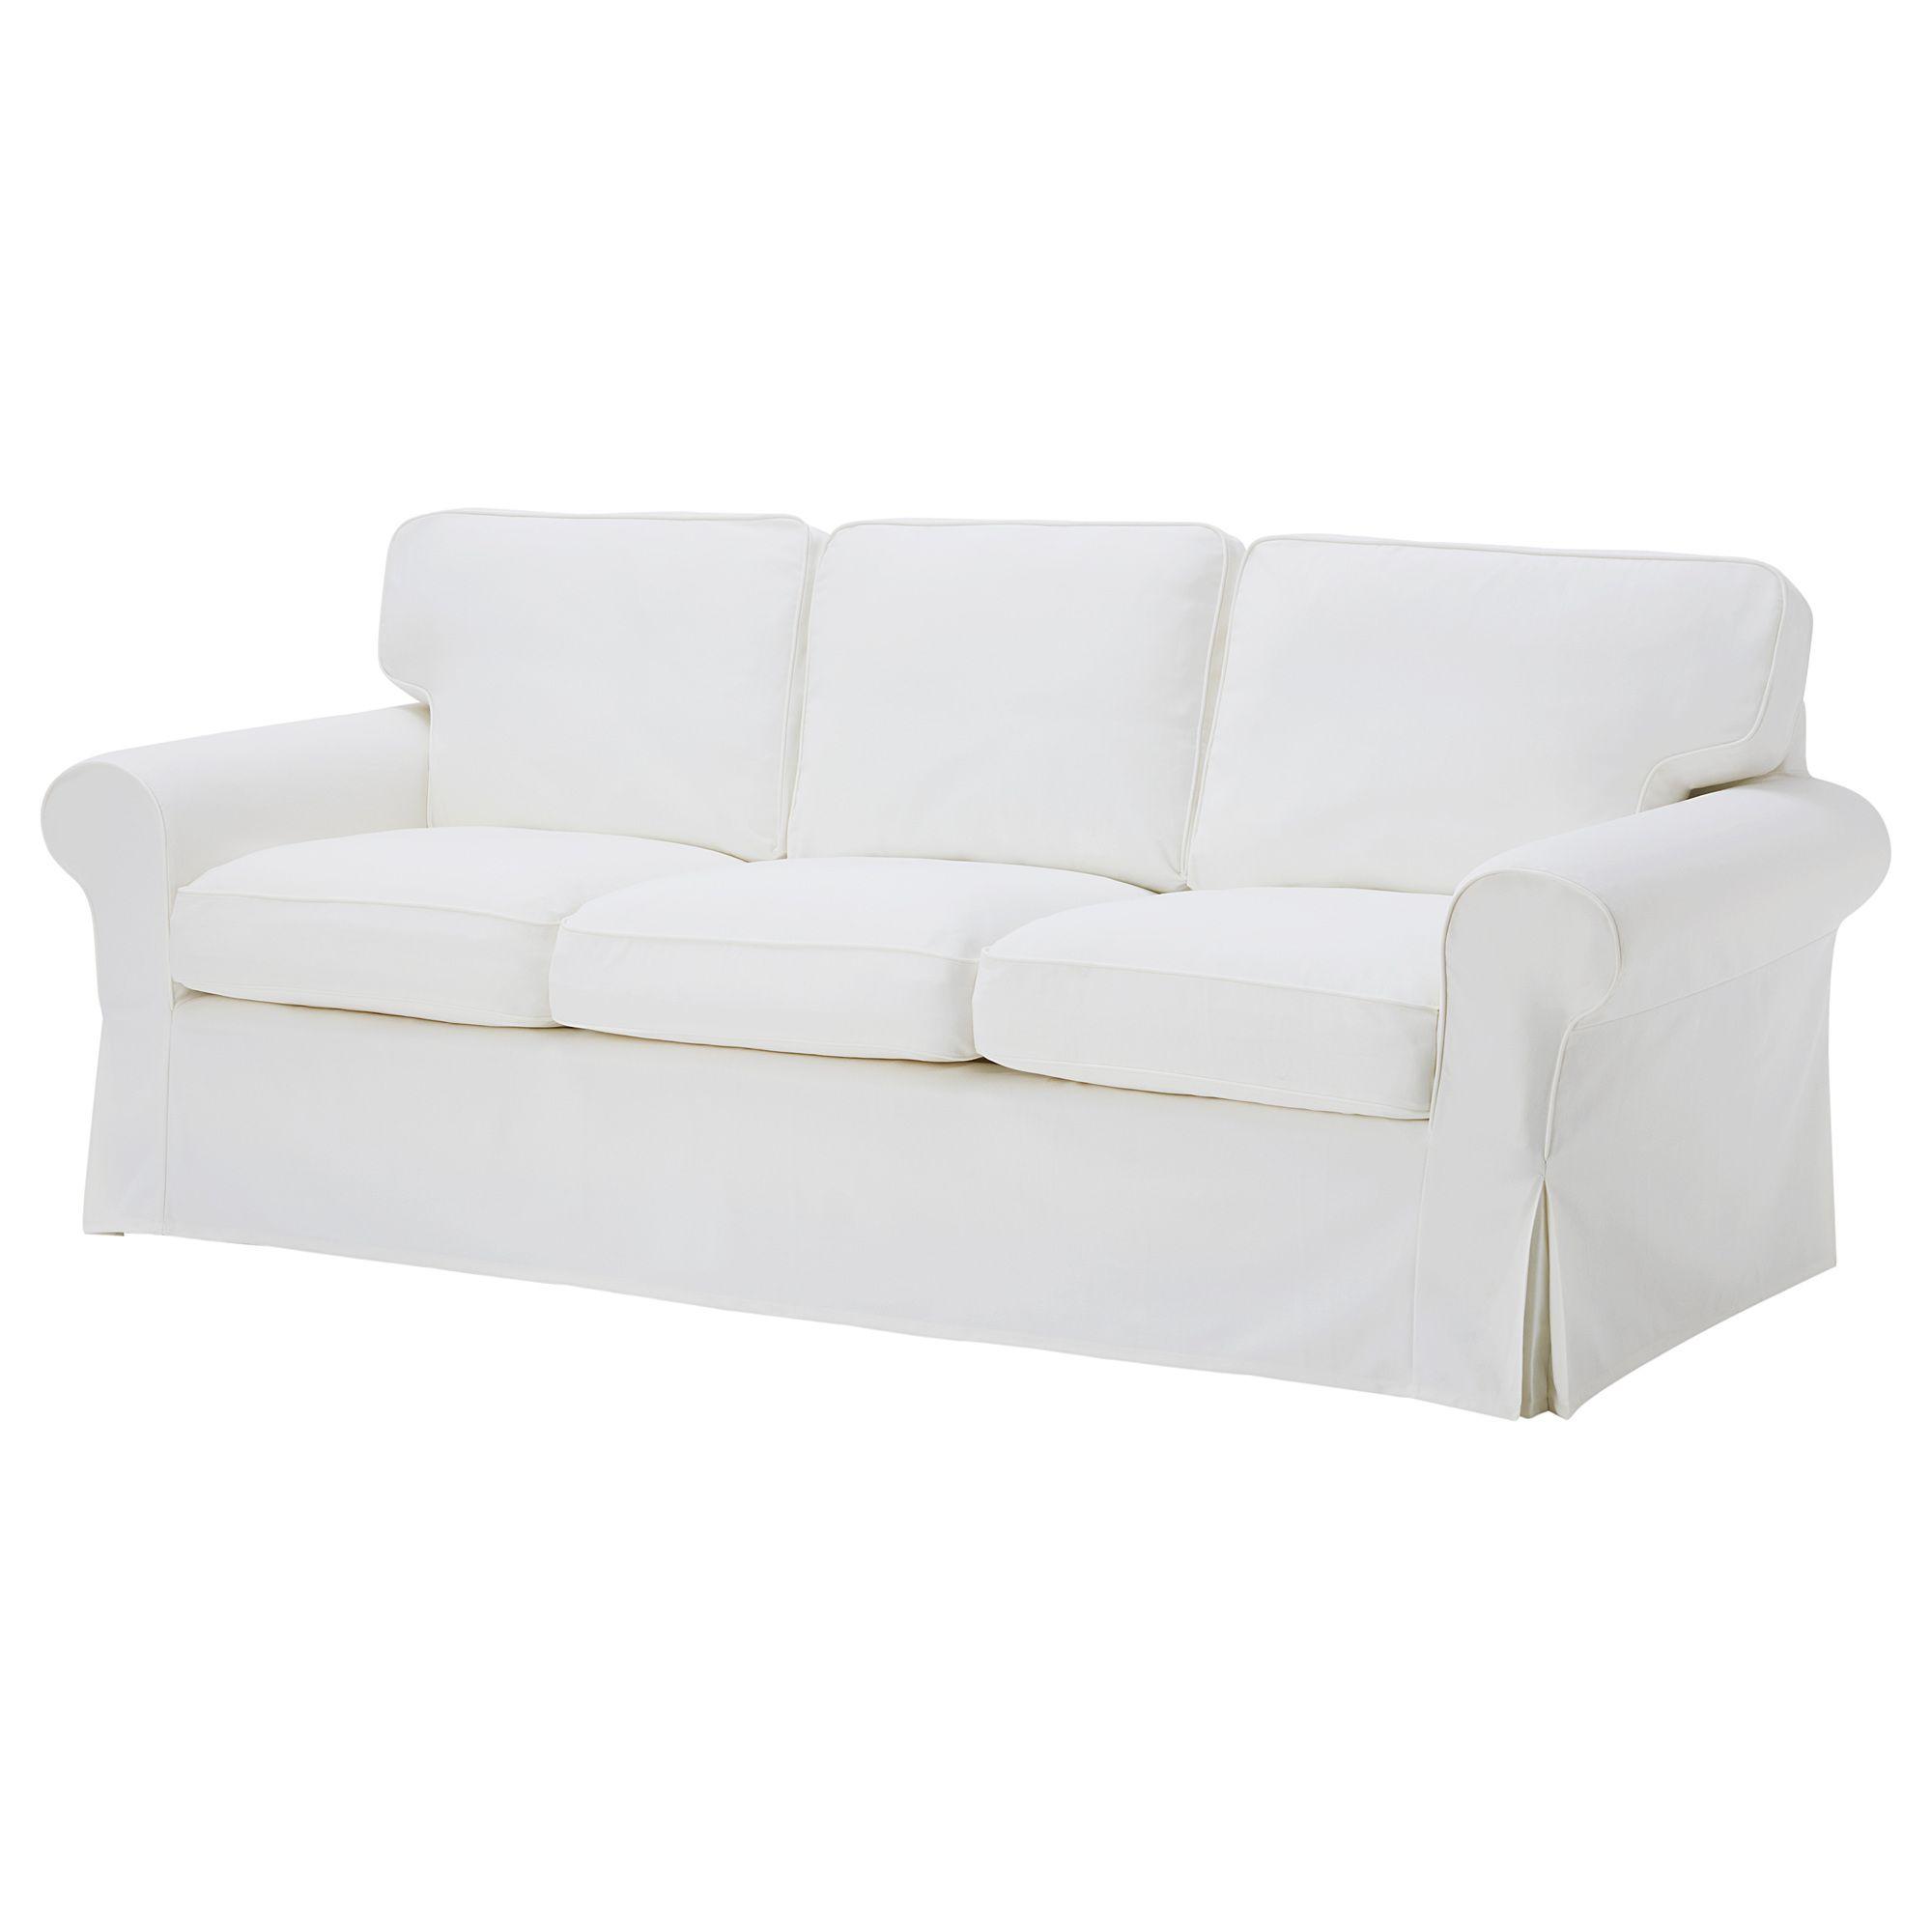 Full Size of Ikea Ektorp 35 Seat Sofa Cover Vittaryd White Grün Polster Brühl Home Affaire Chesterfield Für Esstisch 2 5 Sitzer Wohnlandschaft Angebote Cassina Big L Sofa Ektorp Sofa